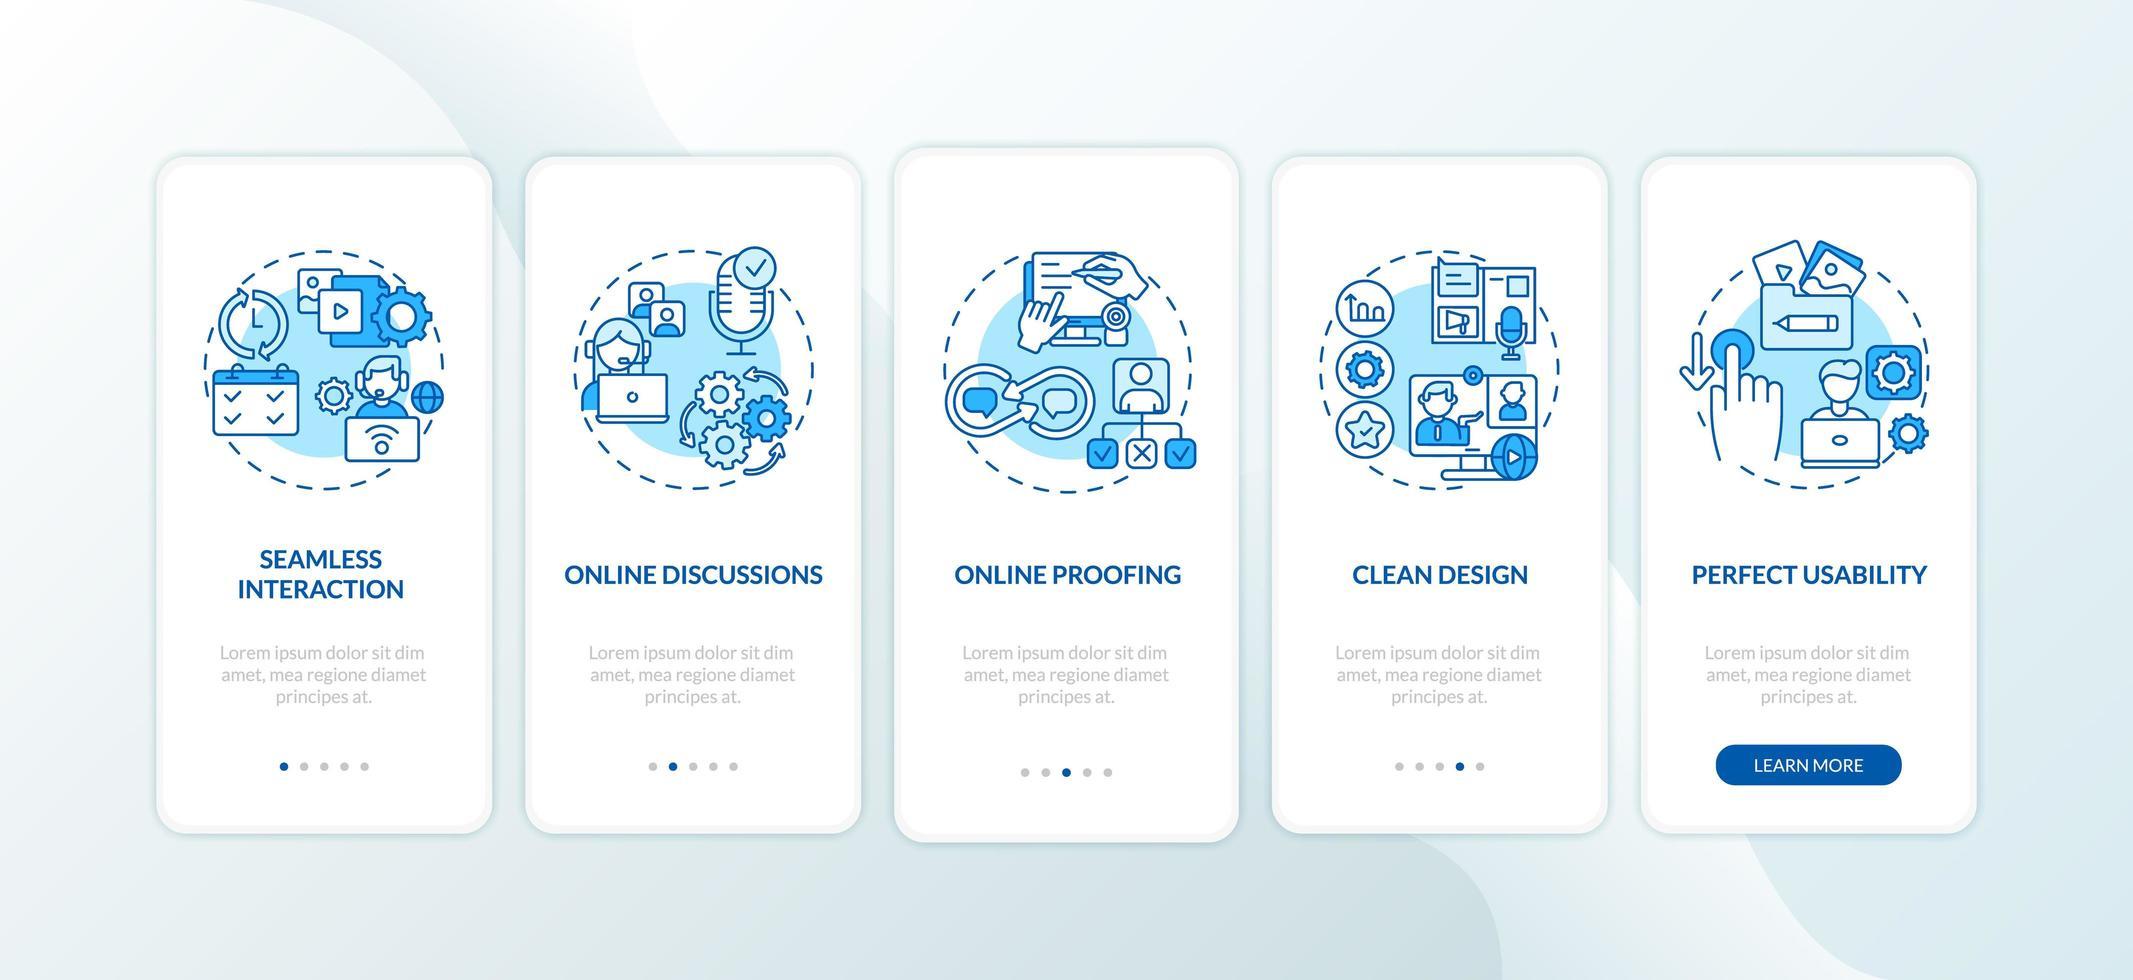 Fonctionnalités de l'application d'emploi à distance Écran de la page de l'application mobile d'intégration avec concepts vecteur